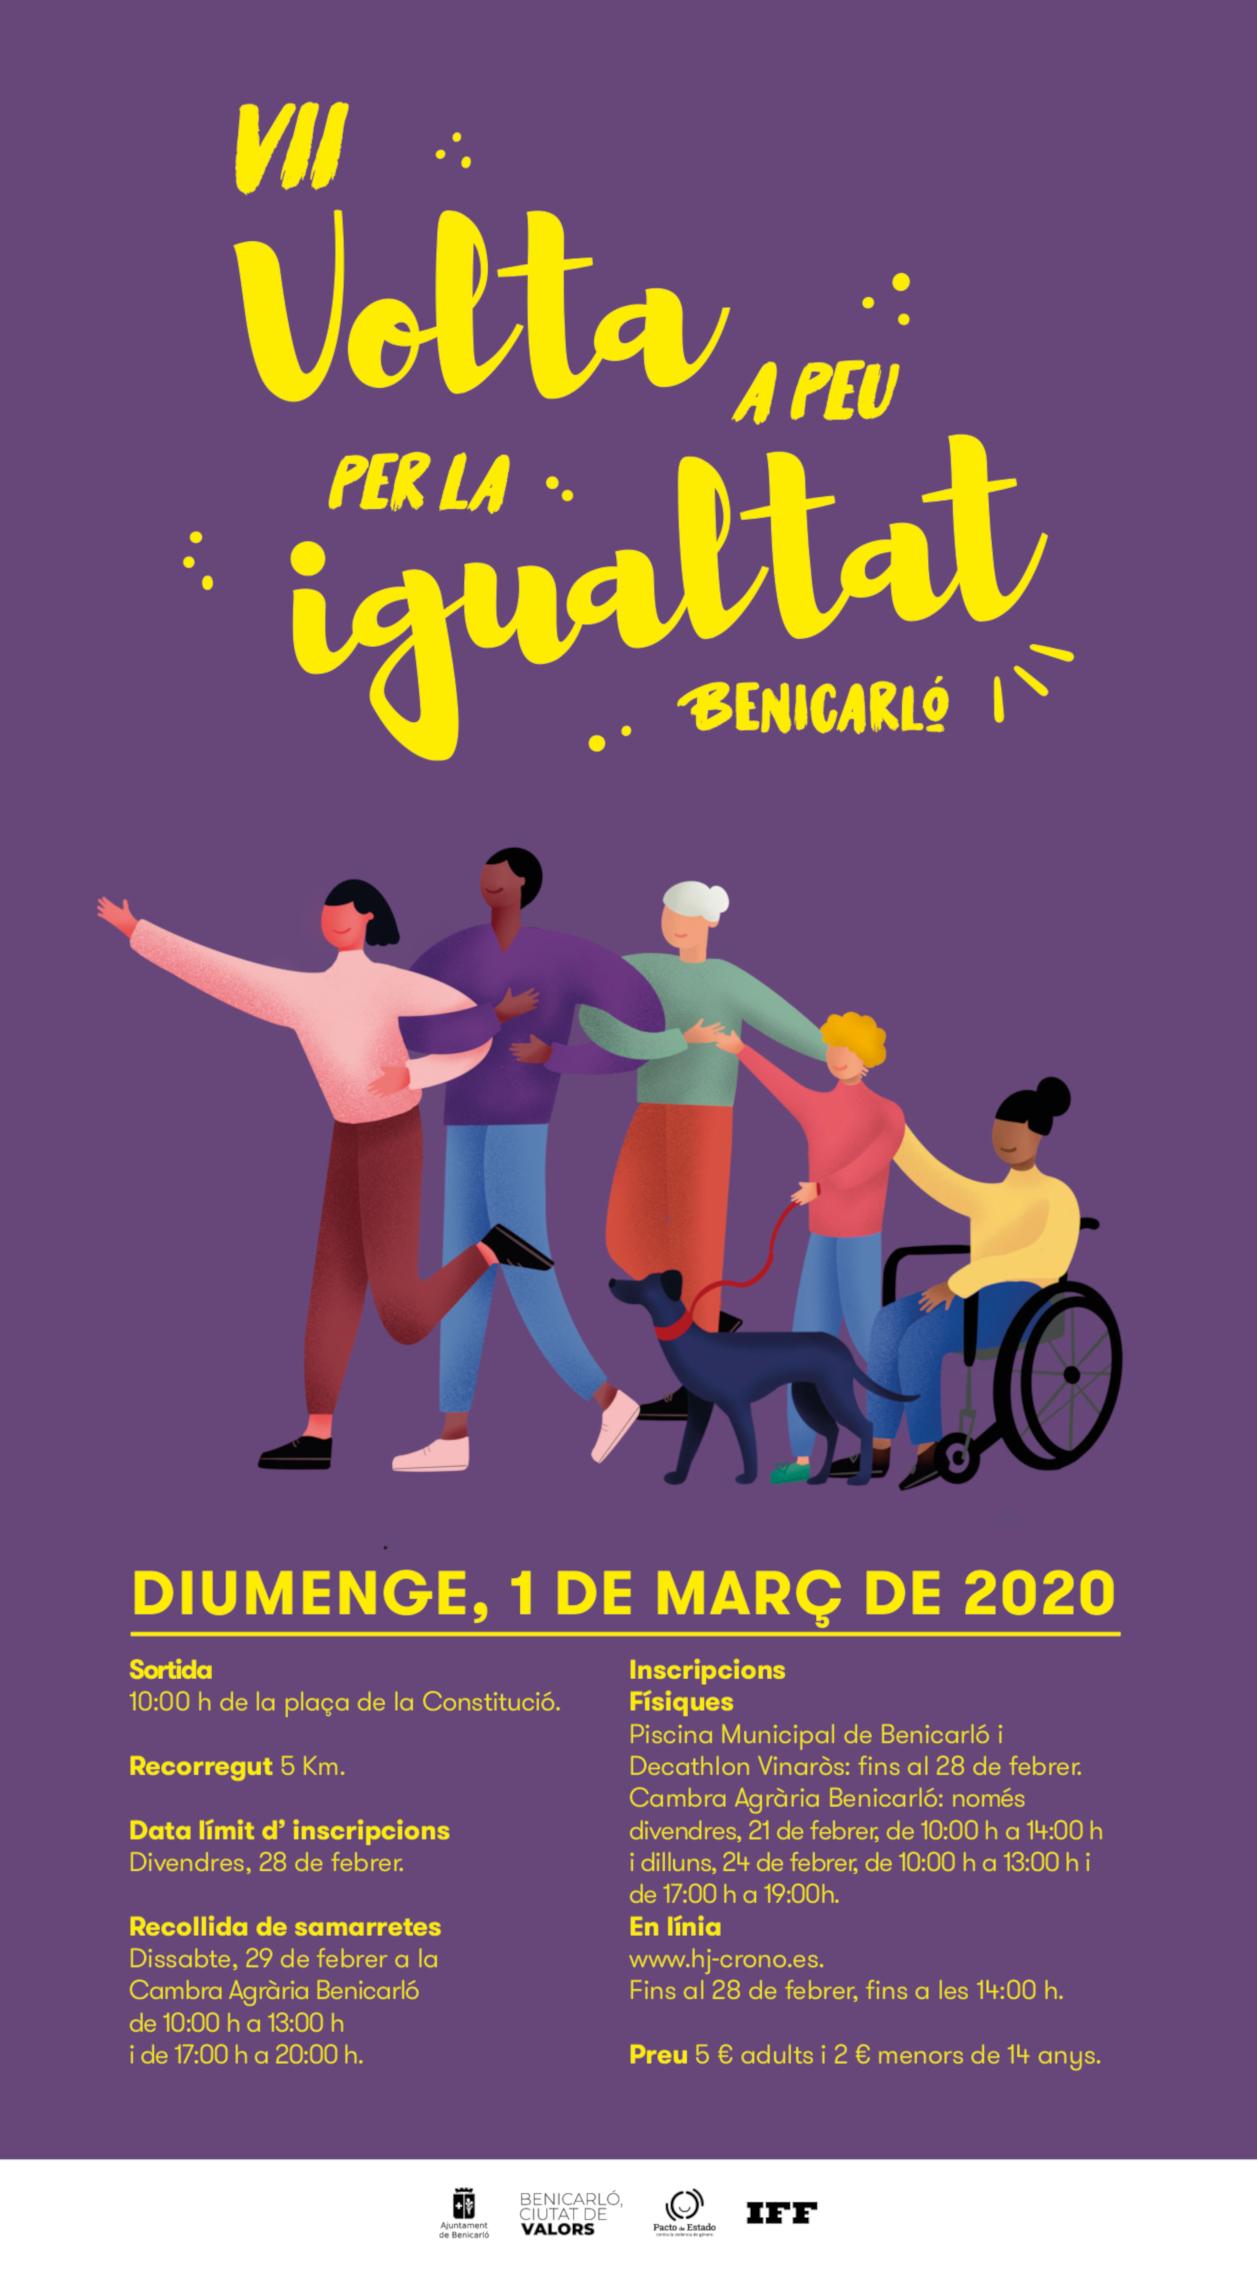 La Volta a Peu per la Igualtat de Benicarló inaugurarà la programació del Dia Internacional de la Dona